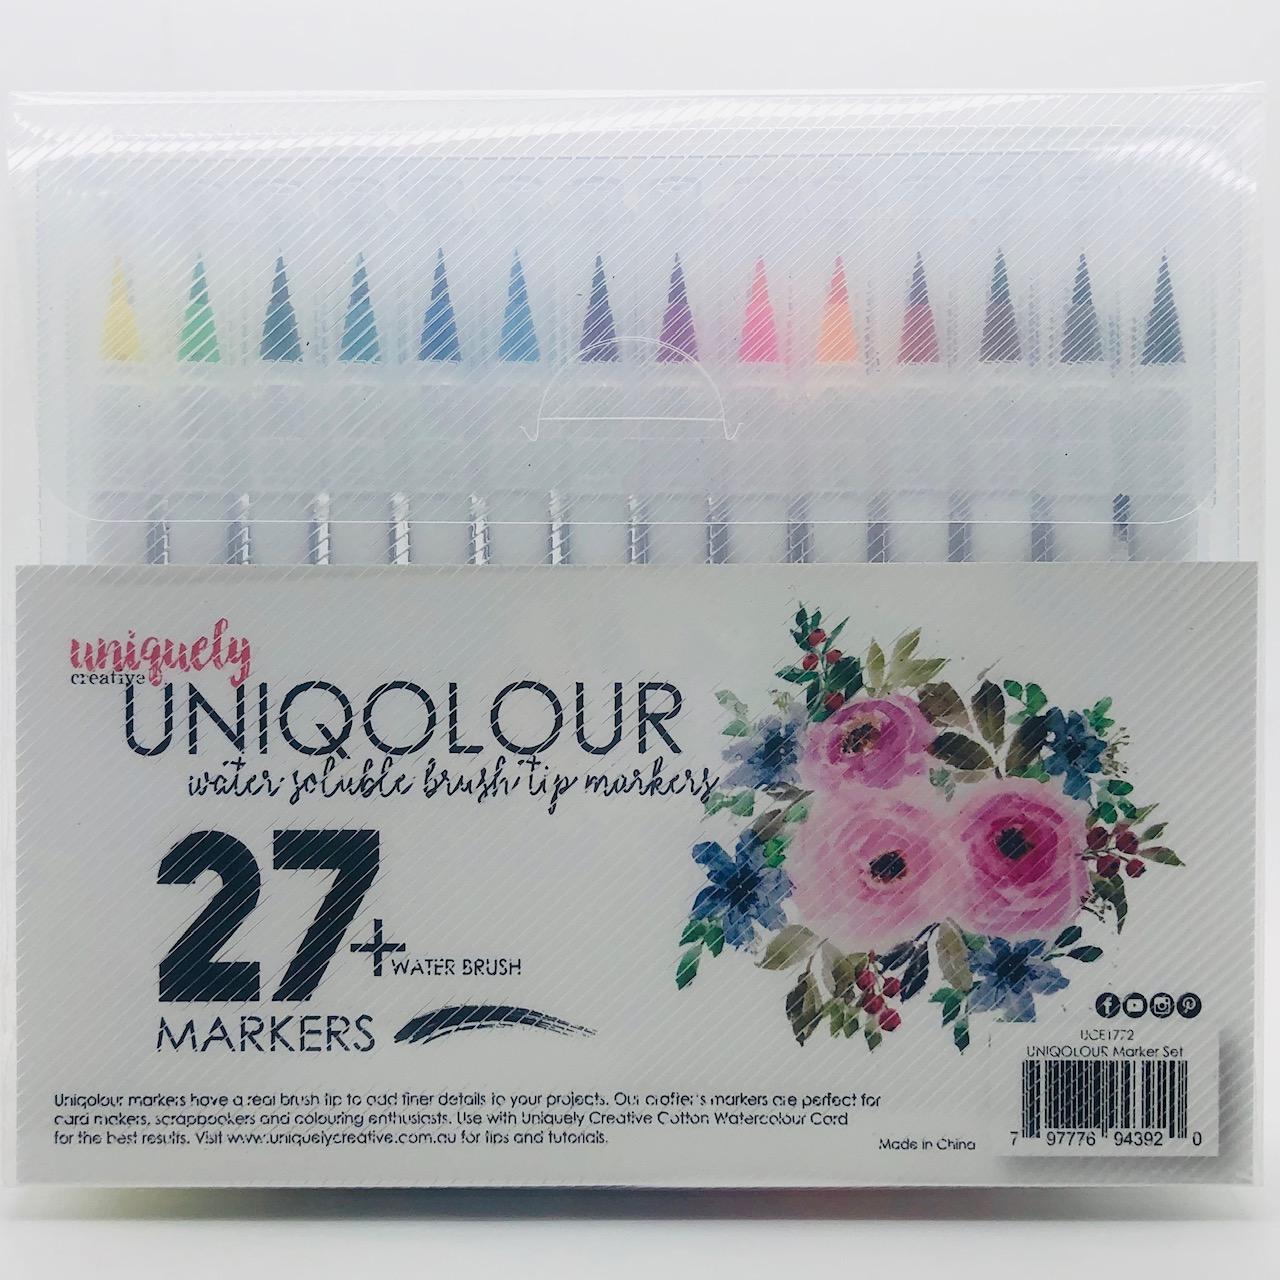 UNIQOLOUR Markers Set